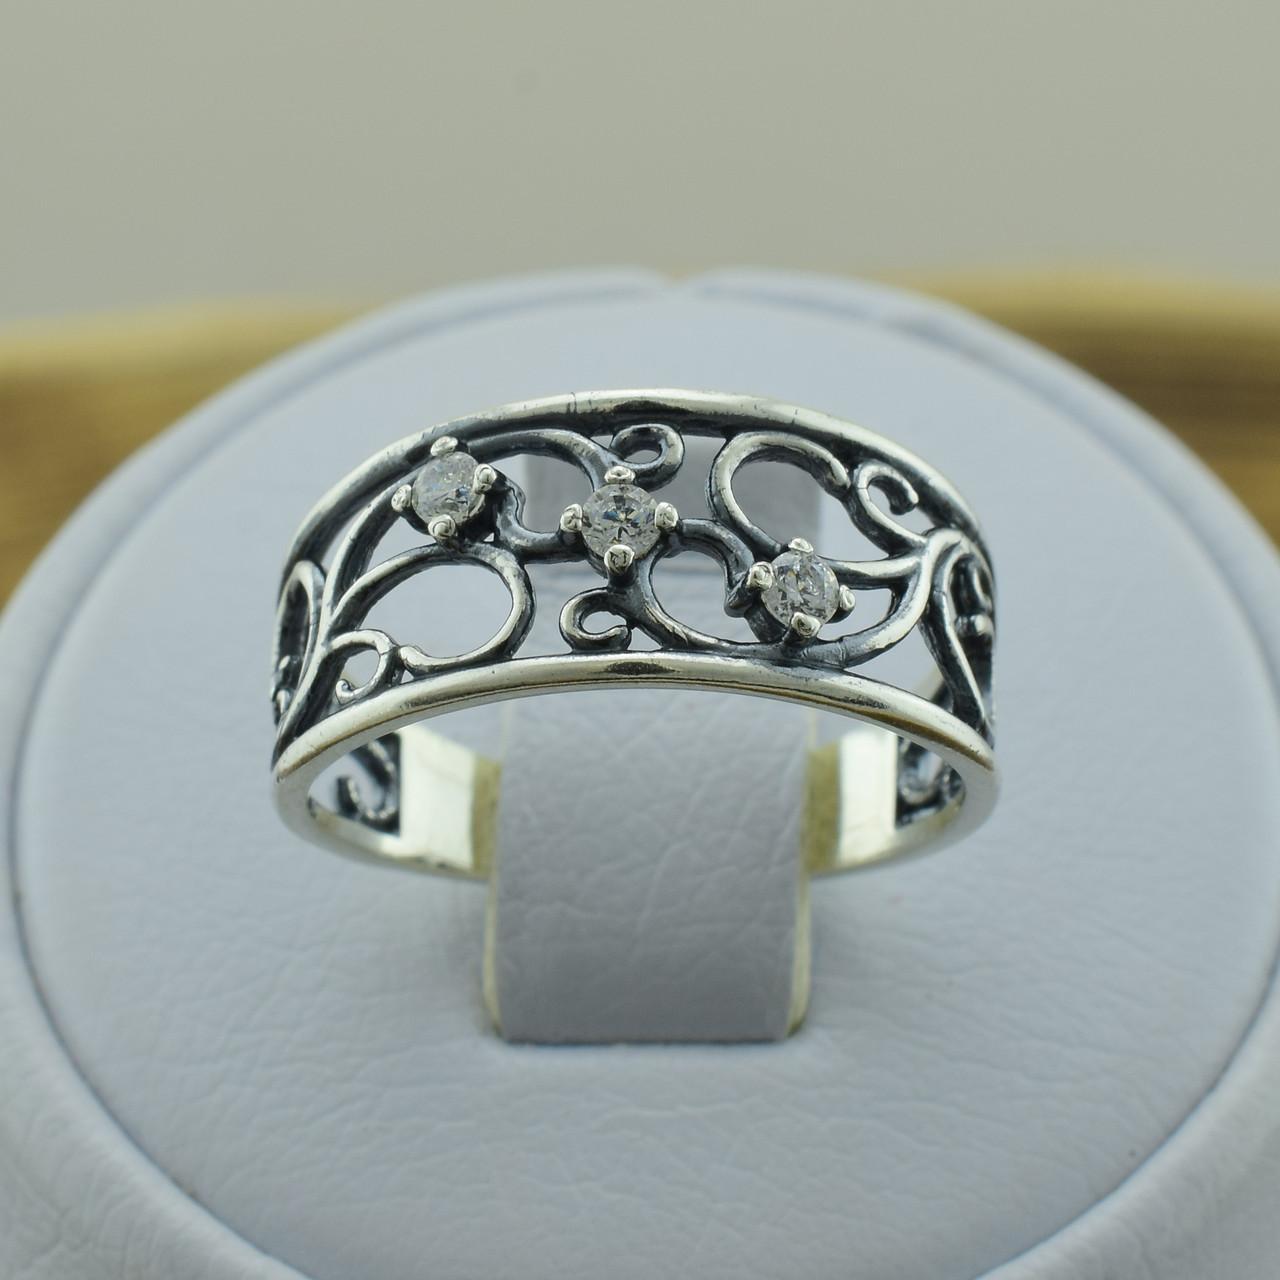 Серебряное кольцо Ажурное кружево вставка белые фианиты вес 2.35 г размер 19